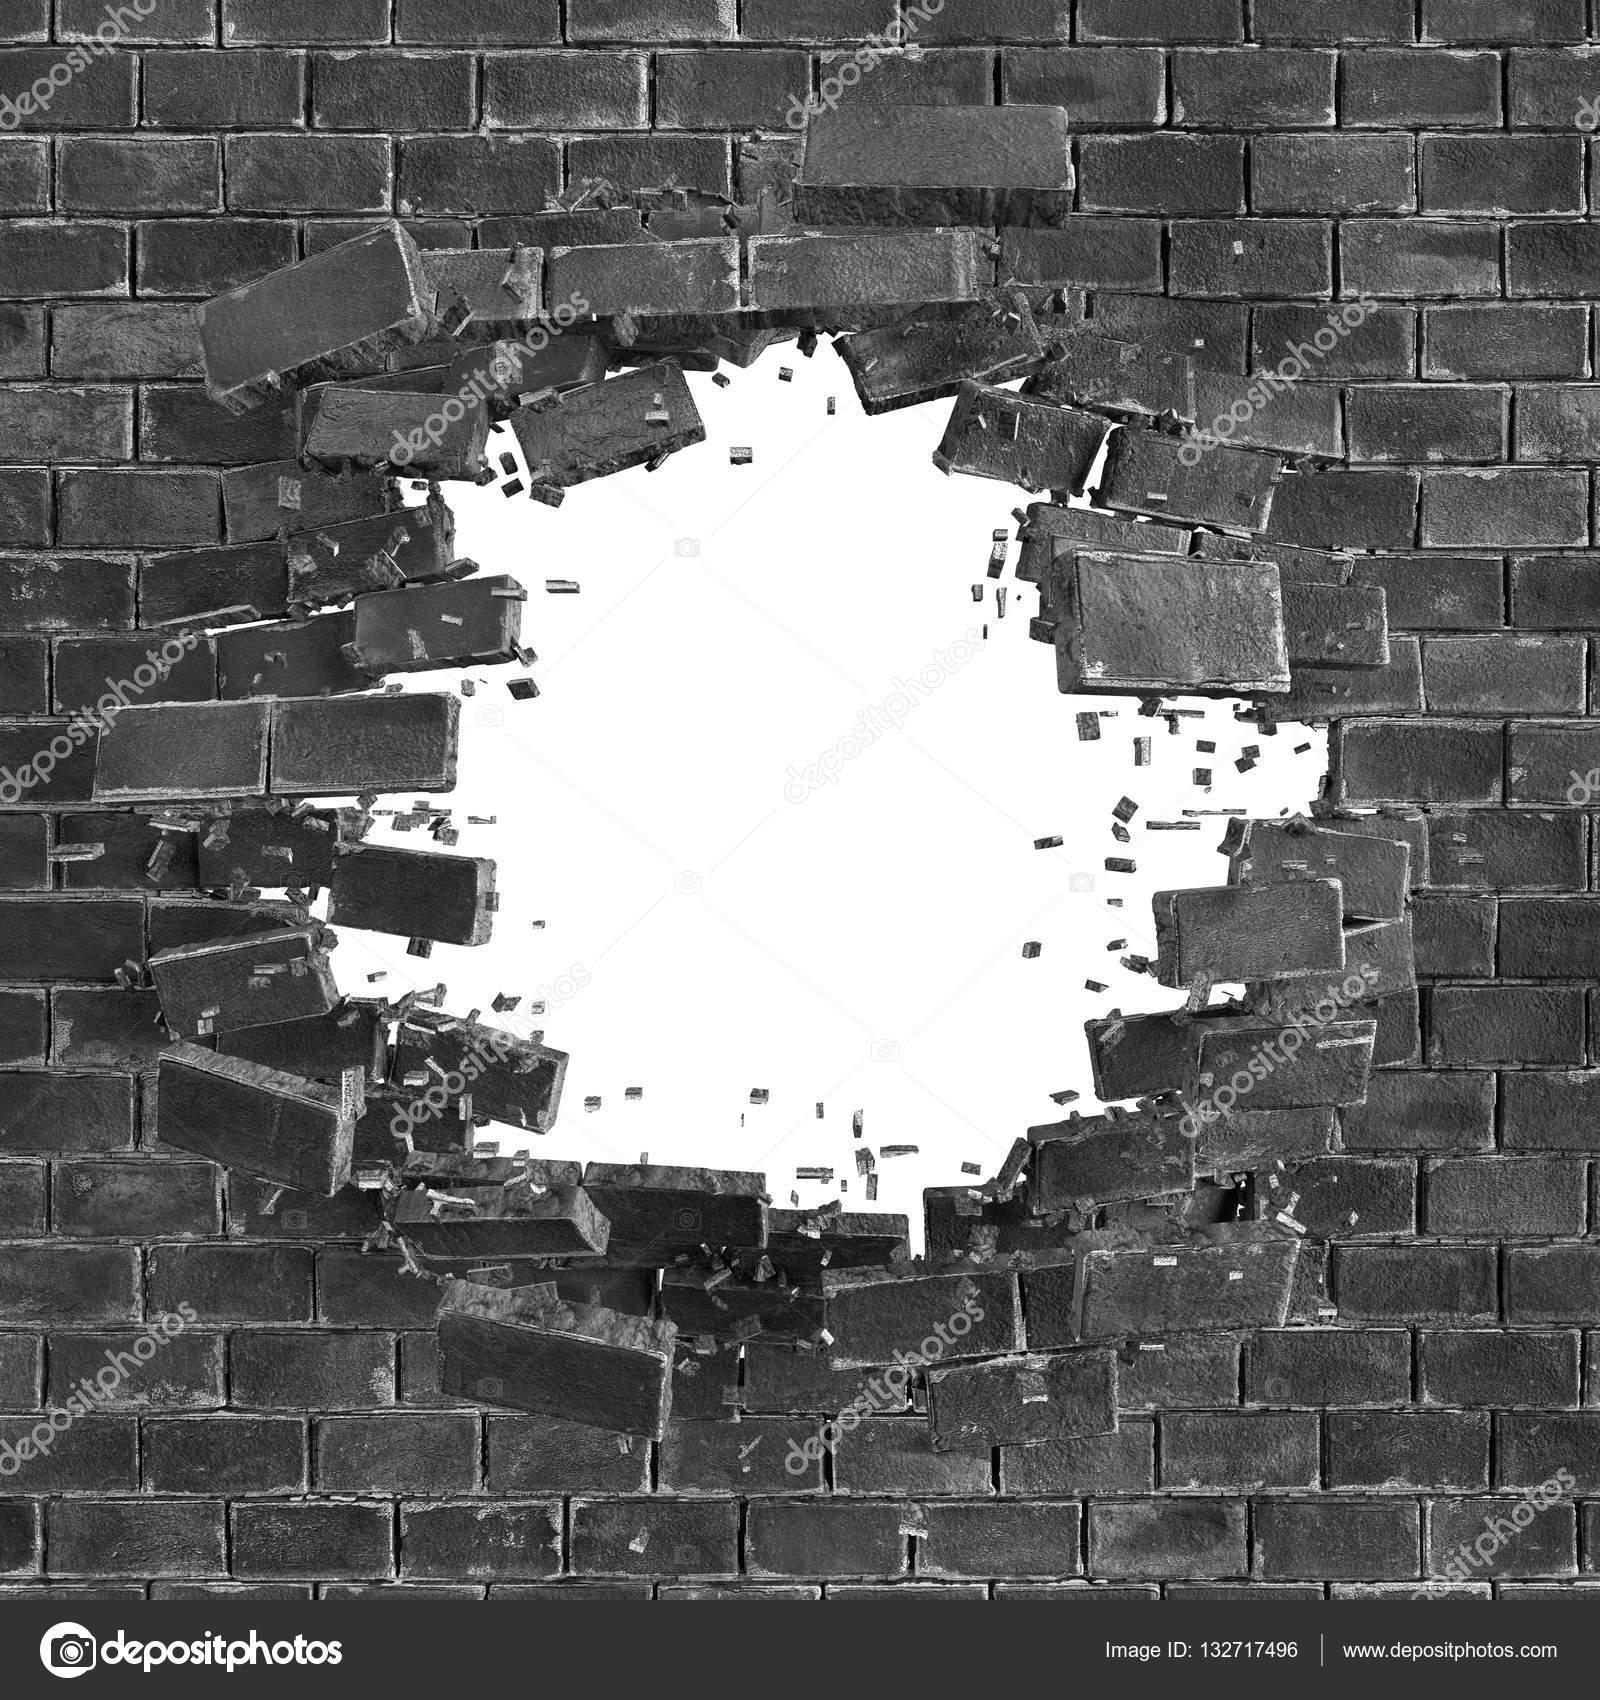 Broken Brick Wall PNG - 165815